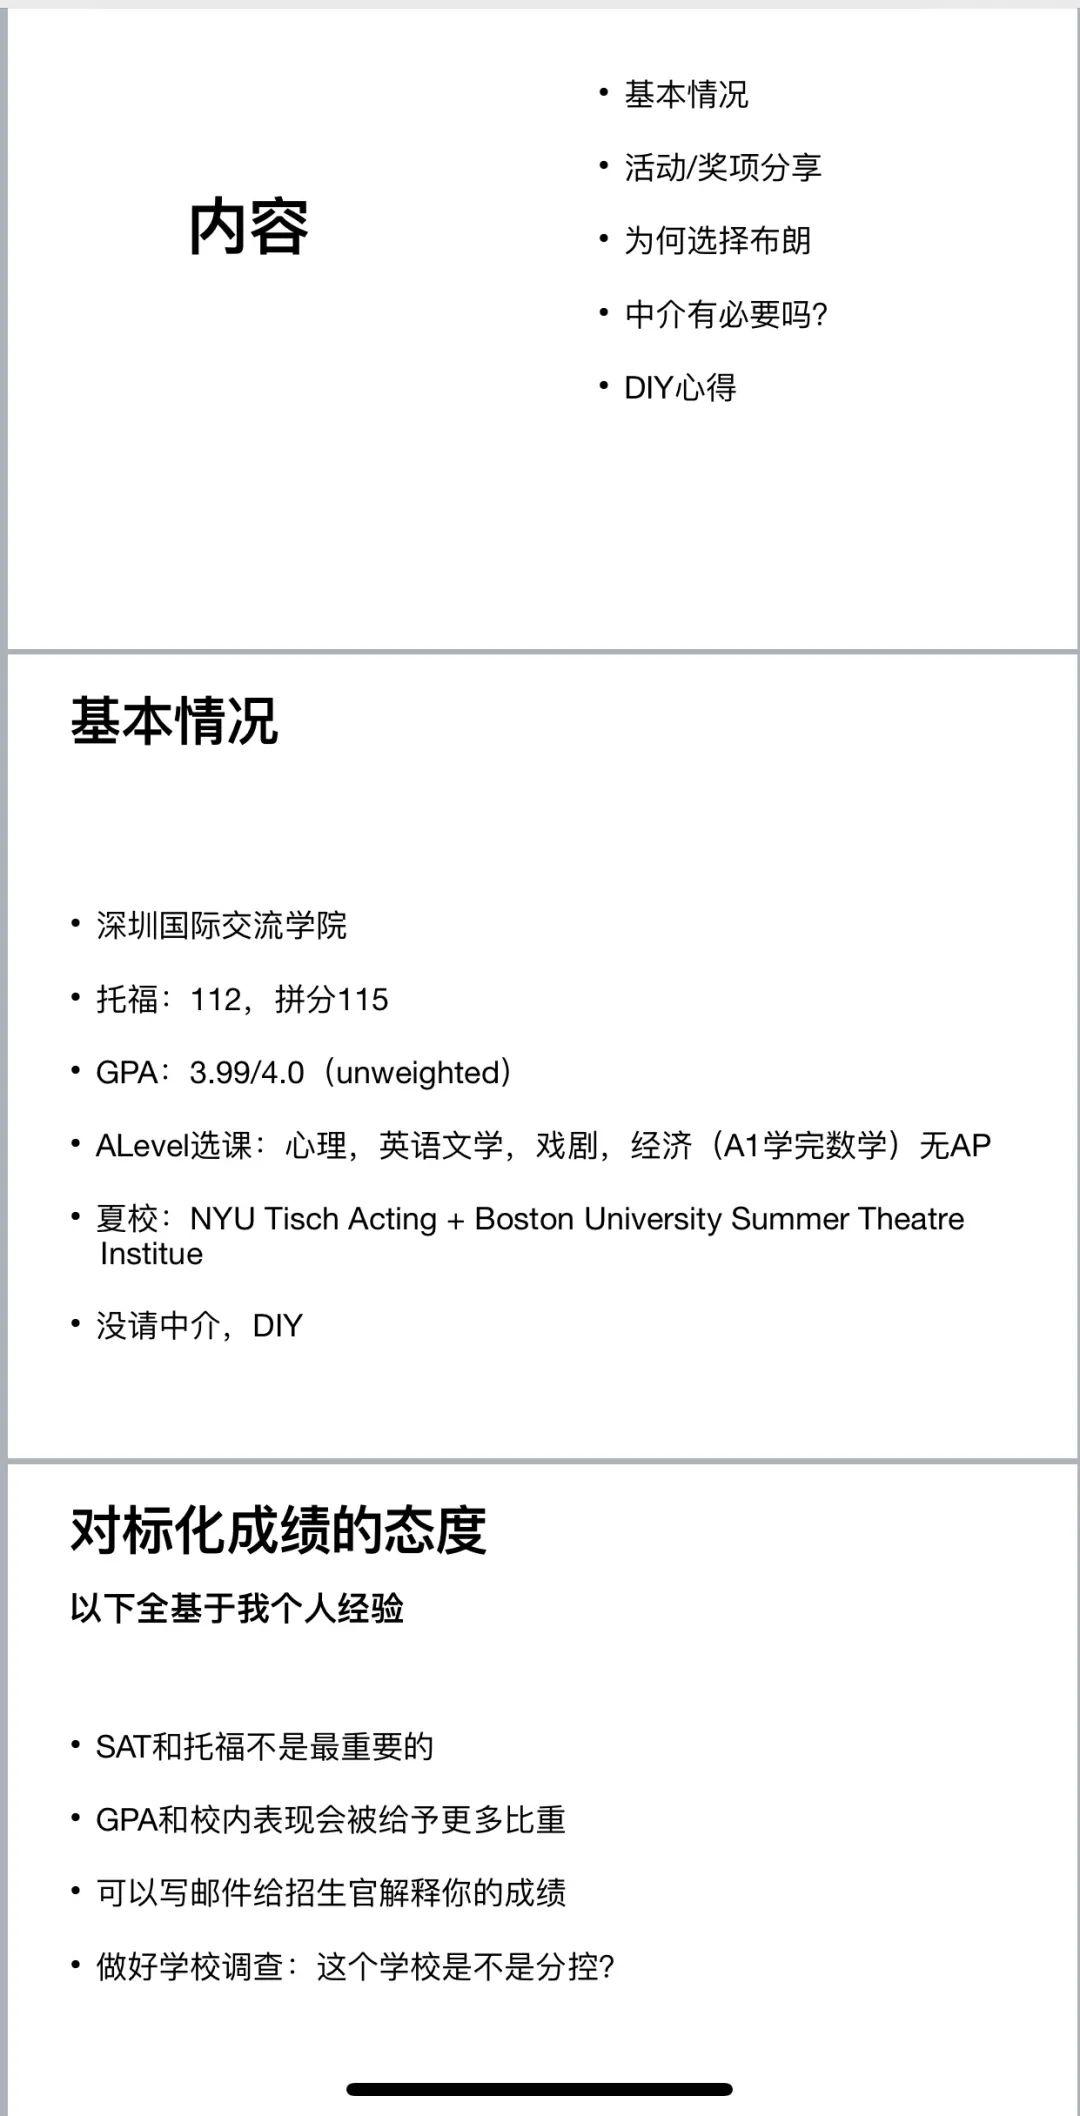 深国交BPC x COMA英美顶尖名校申请分享会最强路透来袭  深国交商务实践社 第3张